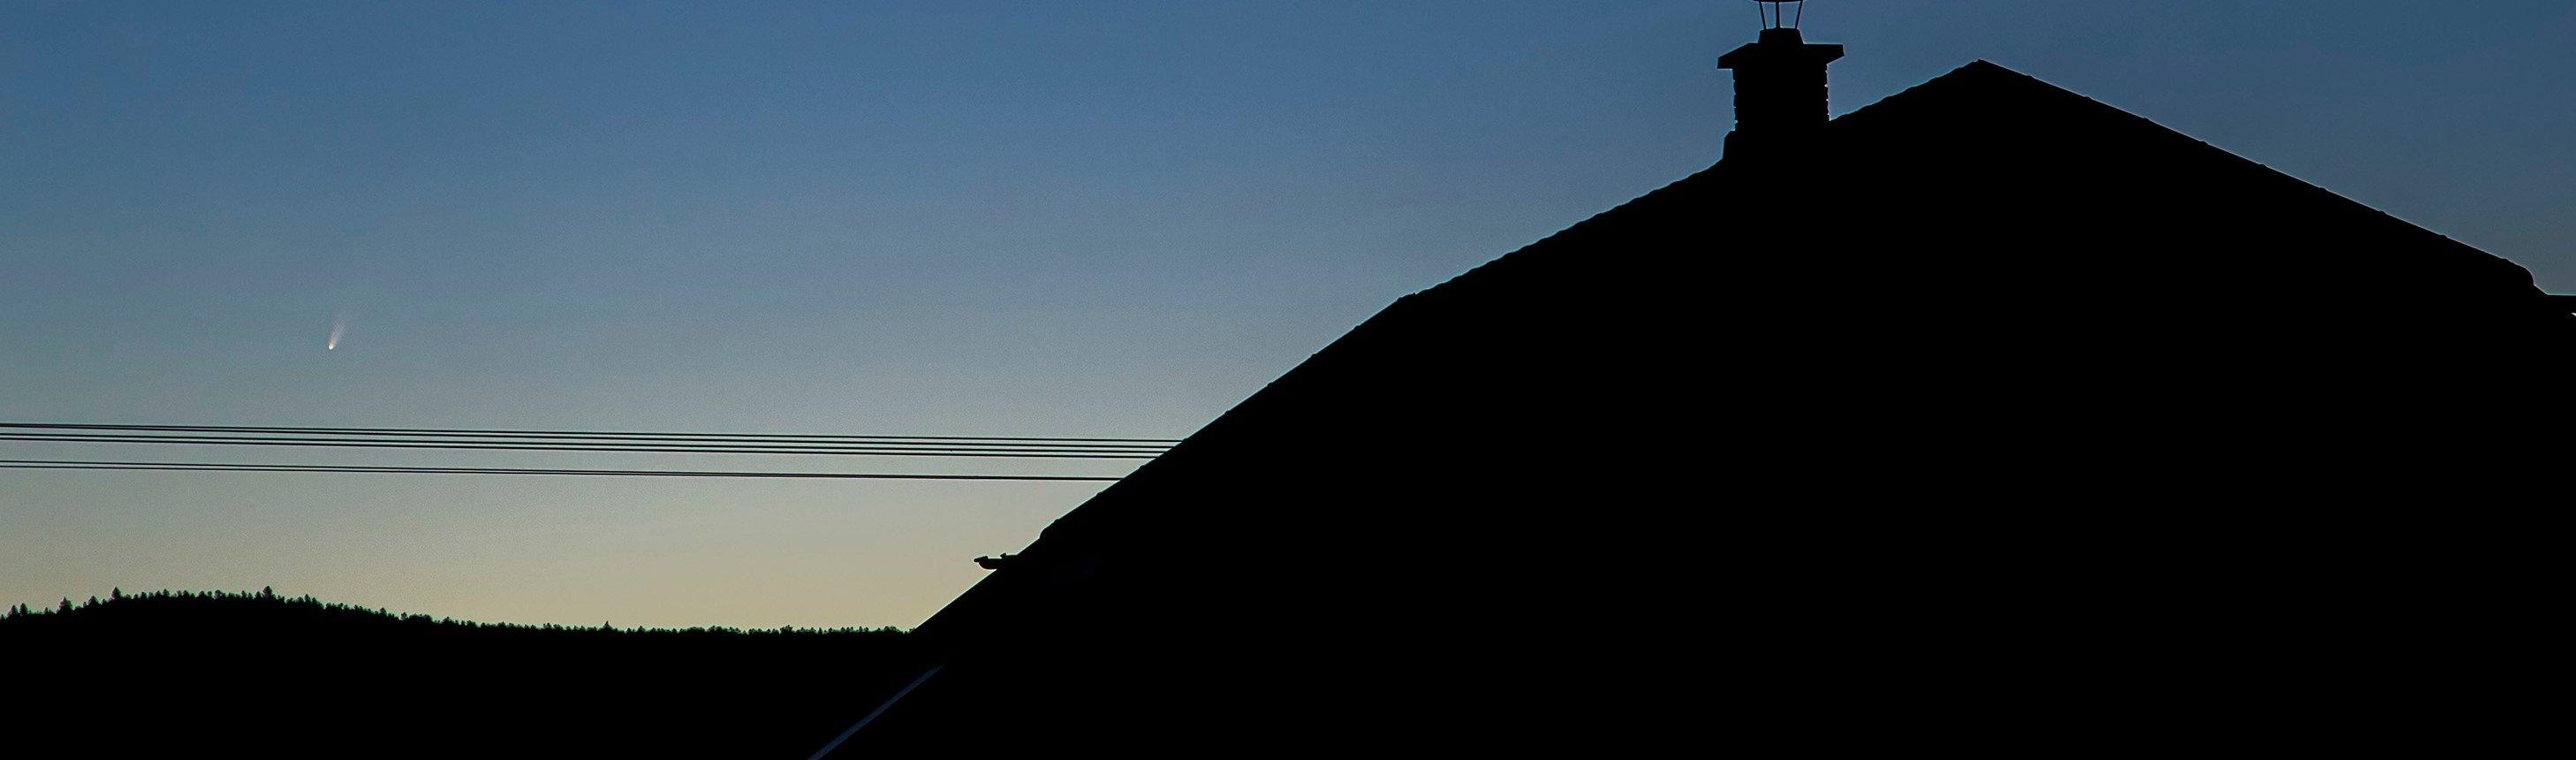 Der Komet Neowise ist hell genug, um sogar mit dem freien Auge erspäht werden zu können. Ein Fernglas ist natürlich trotzdem hilfreich.